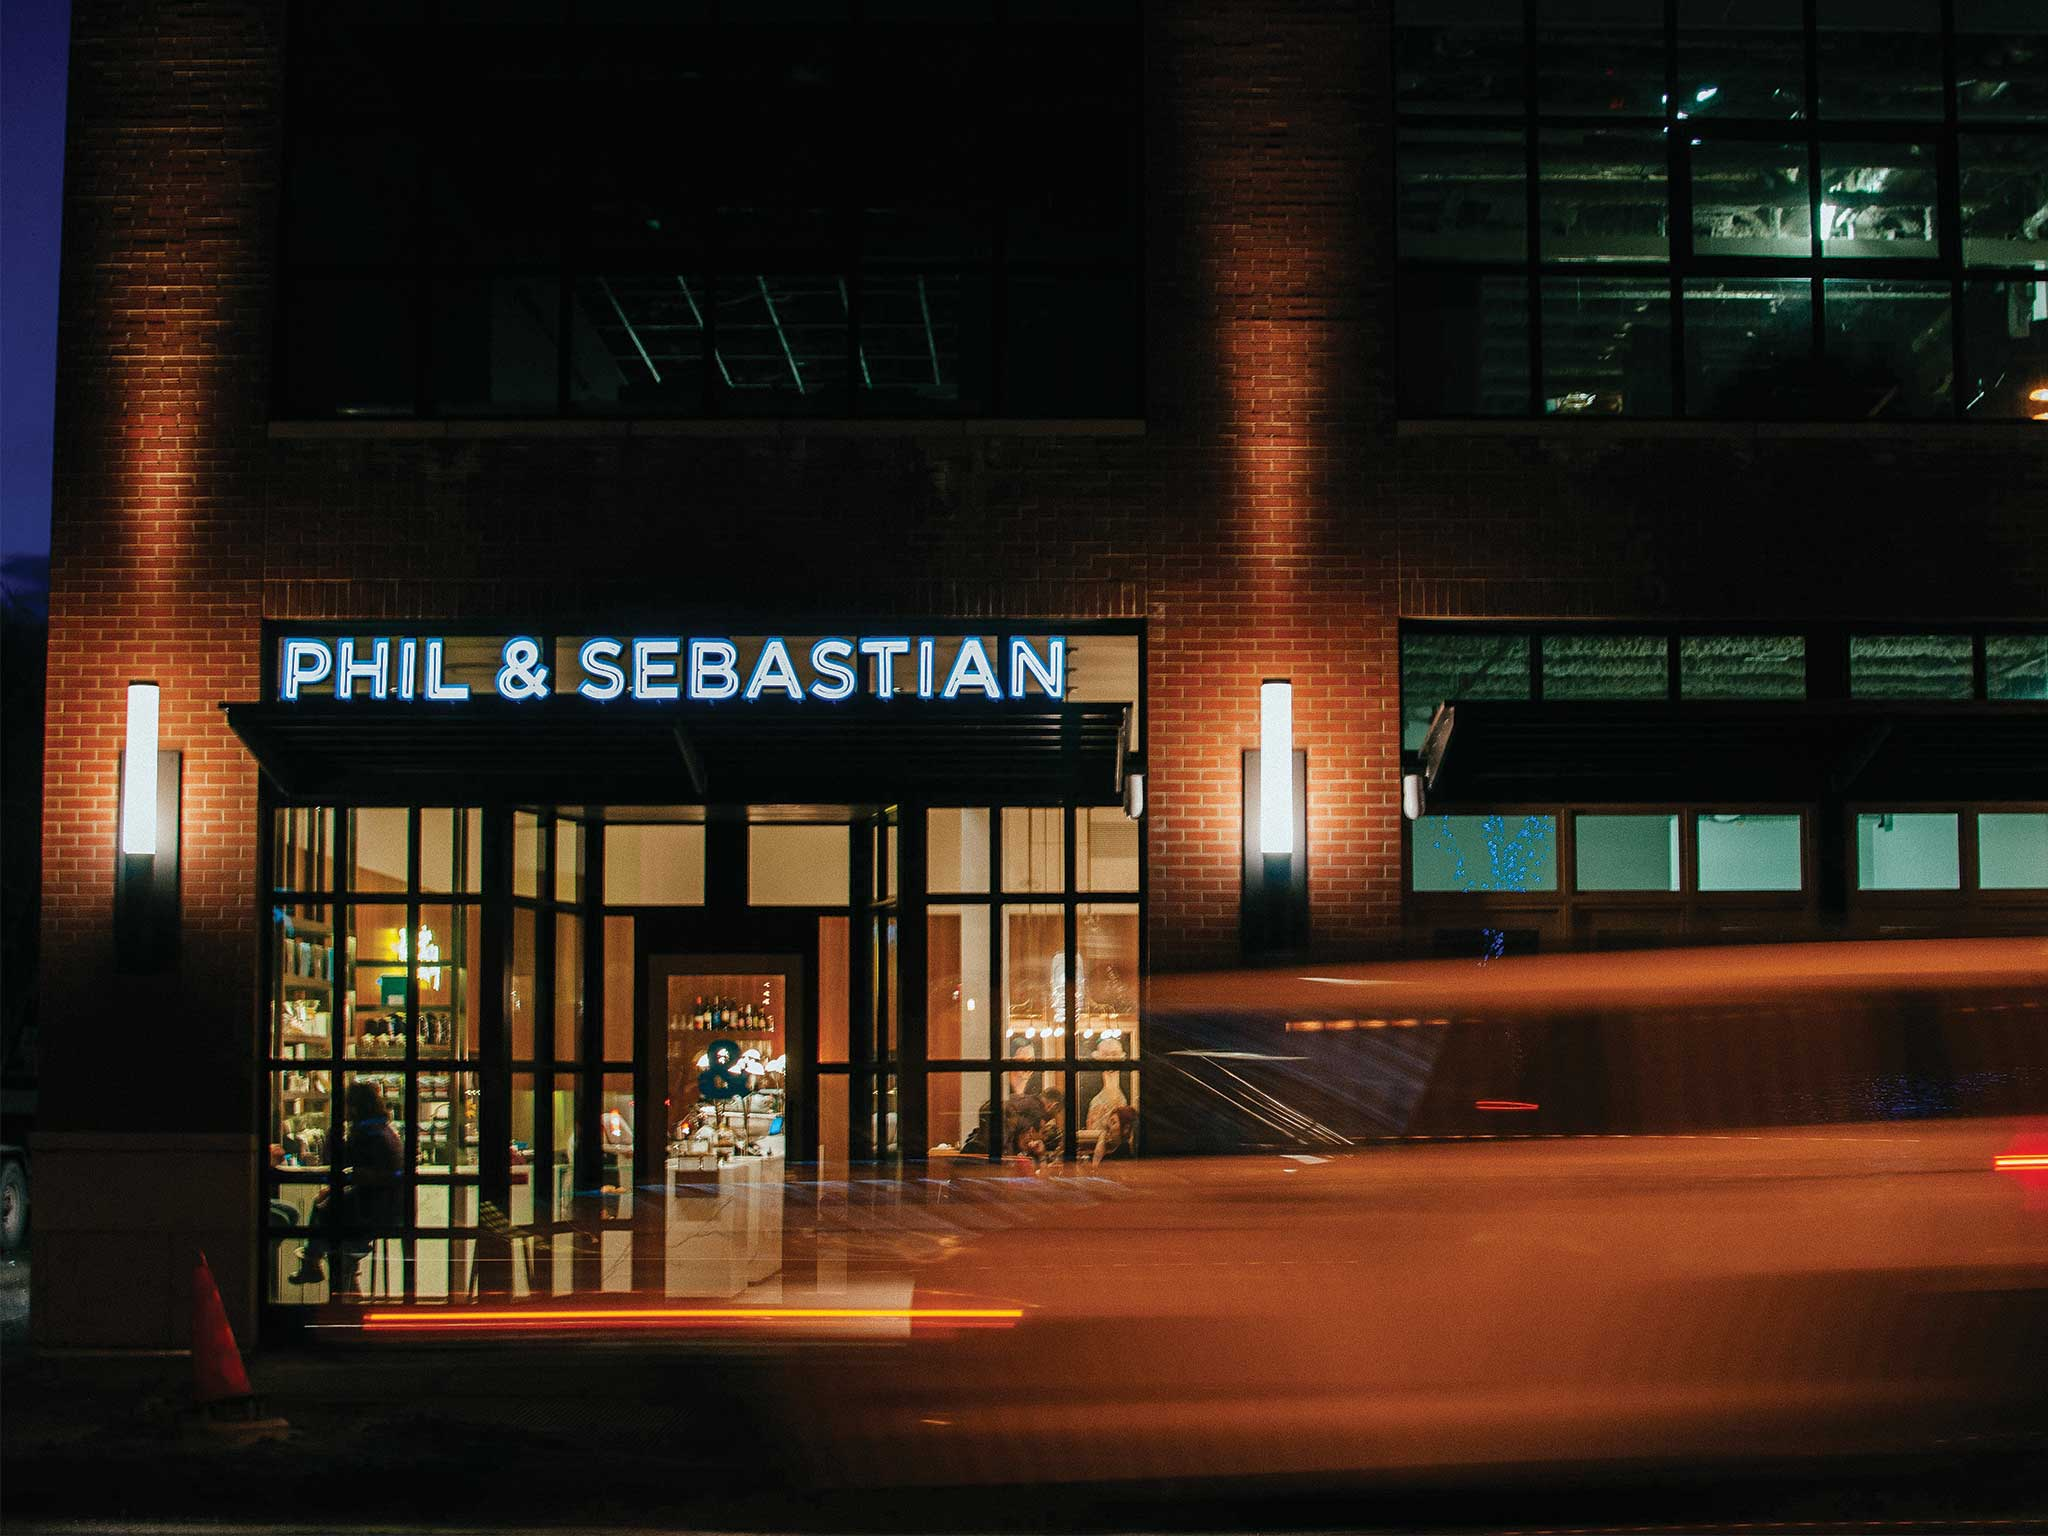 Phil & Sebastian Mission